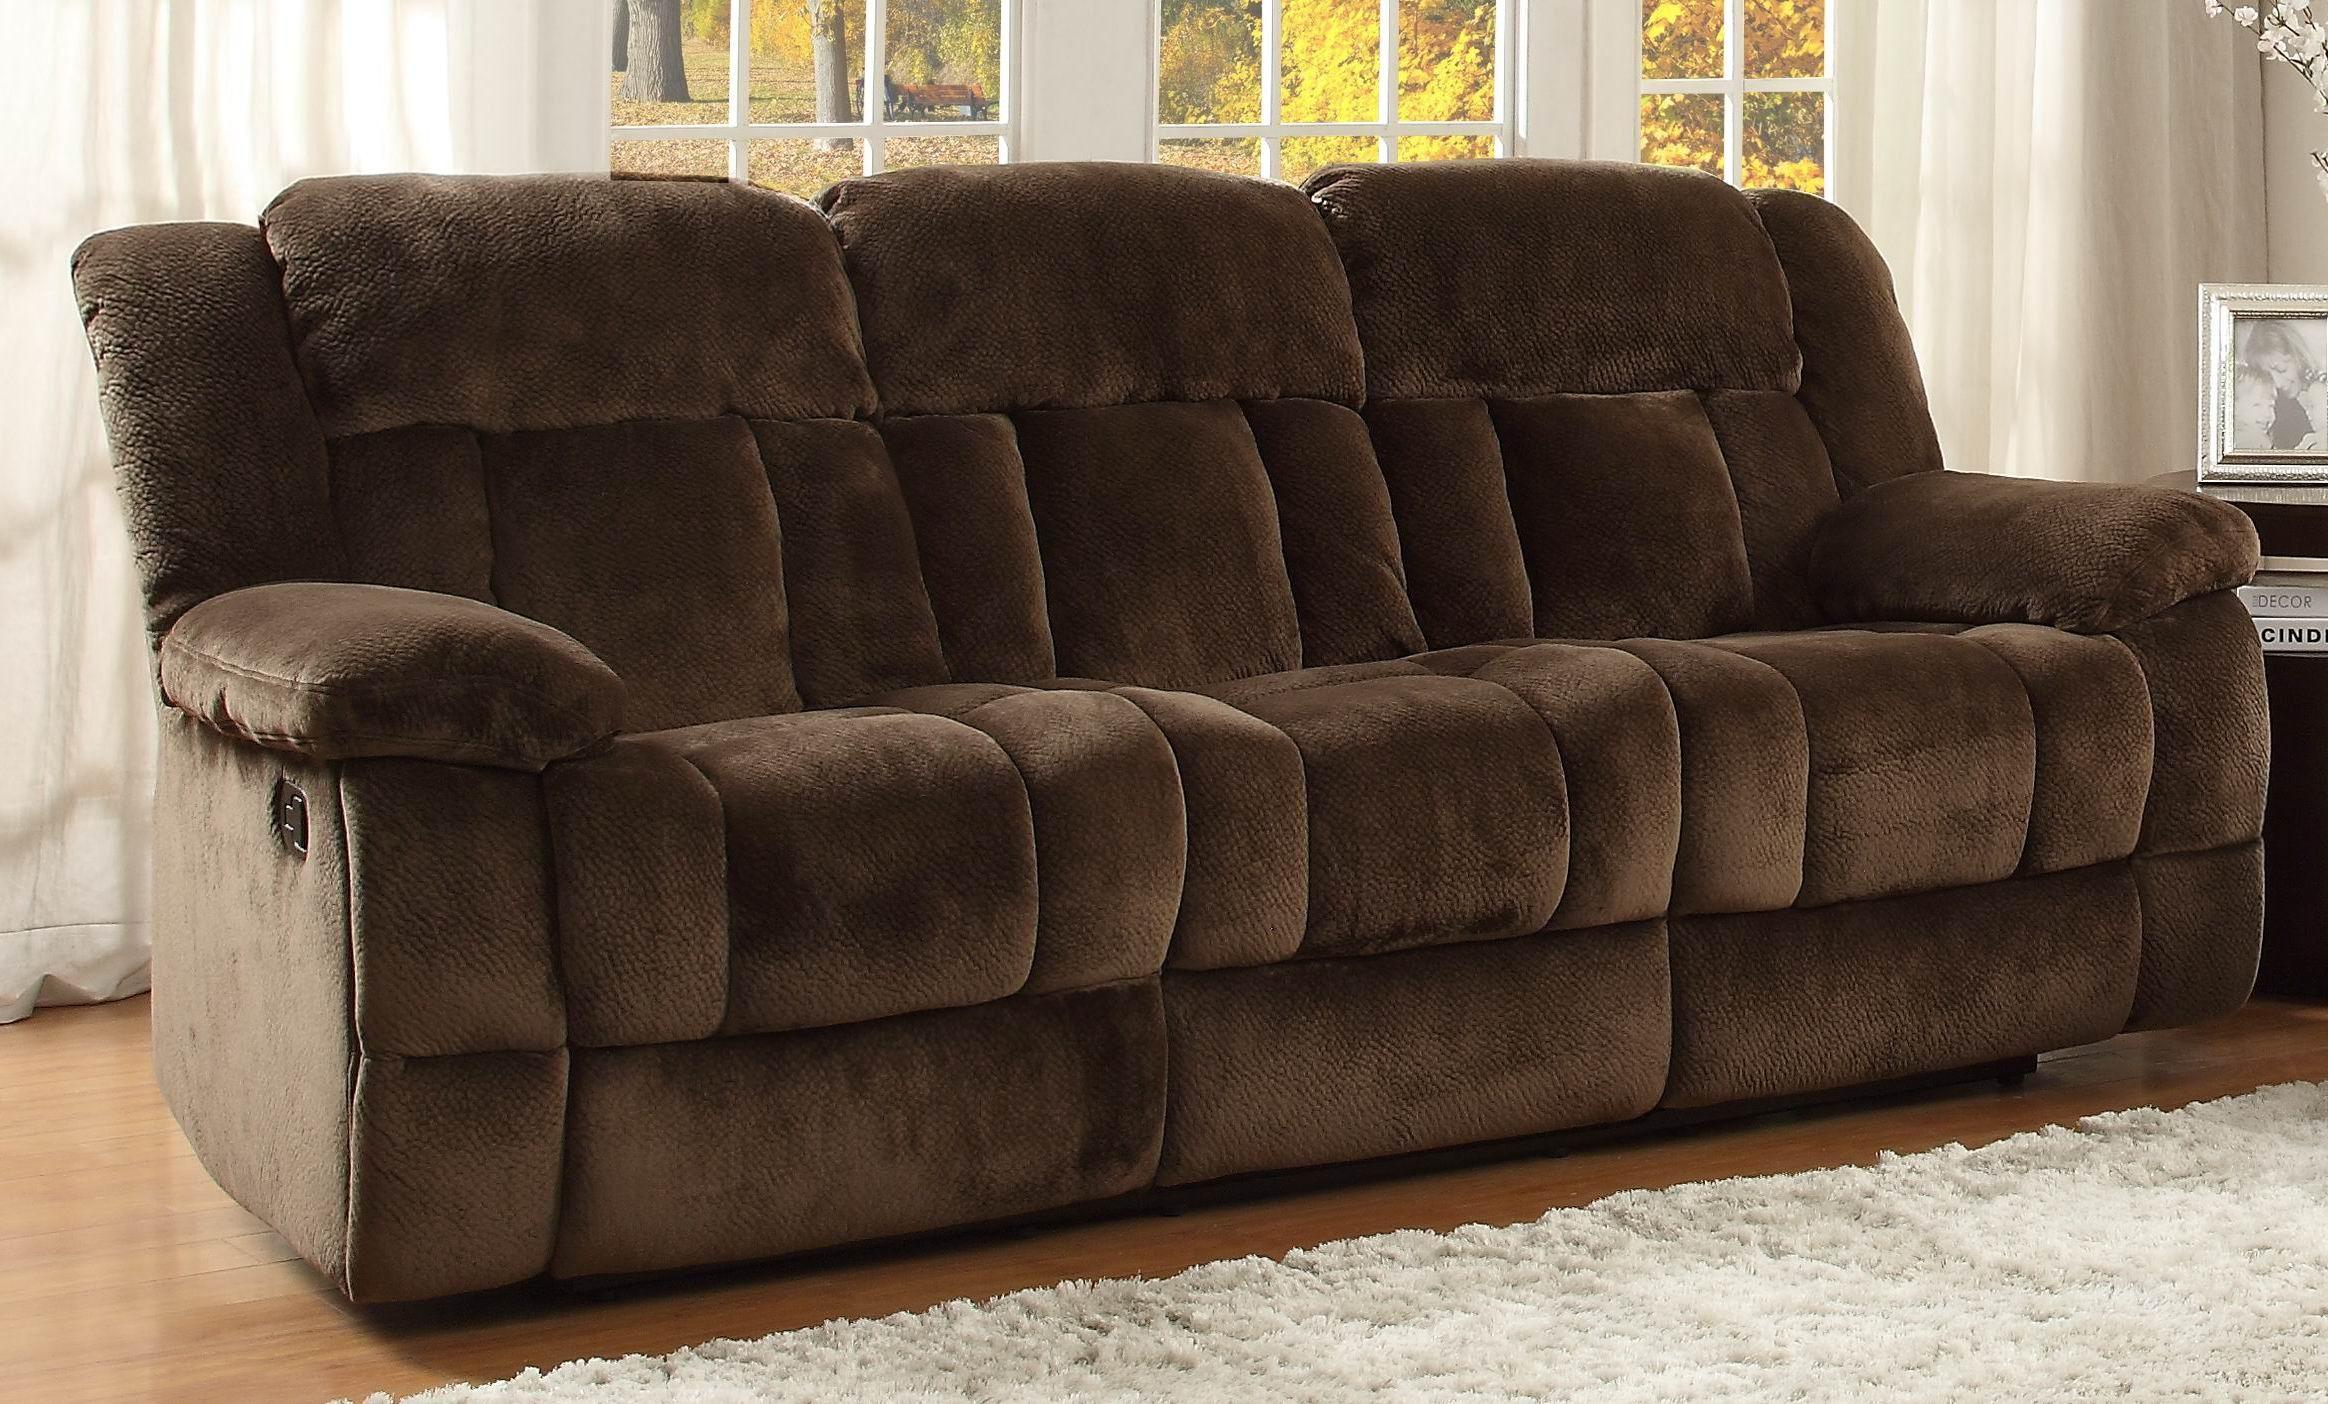 Homelegance Living Room Double Recliner Sofa 9636 3 Red Door